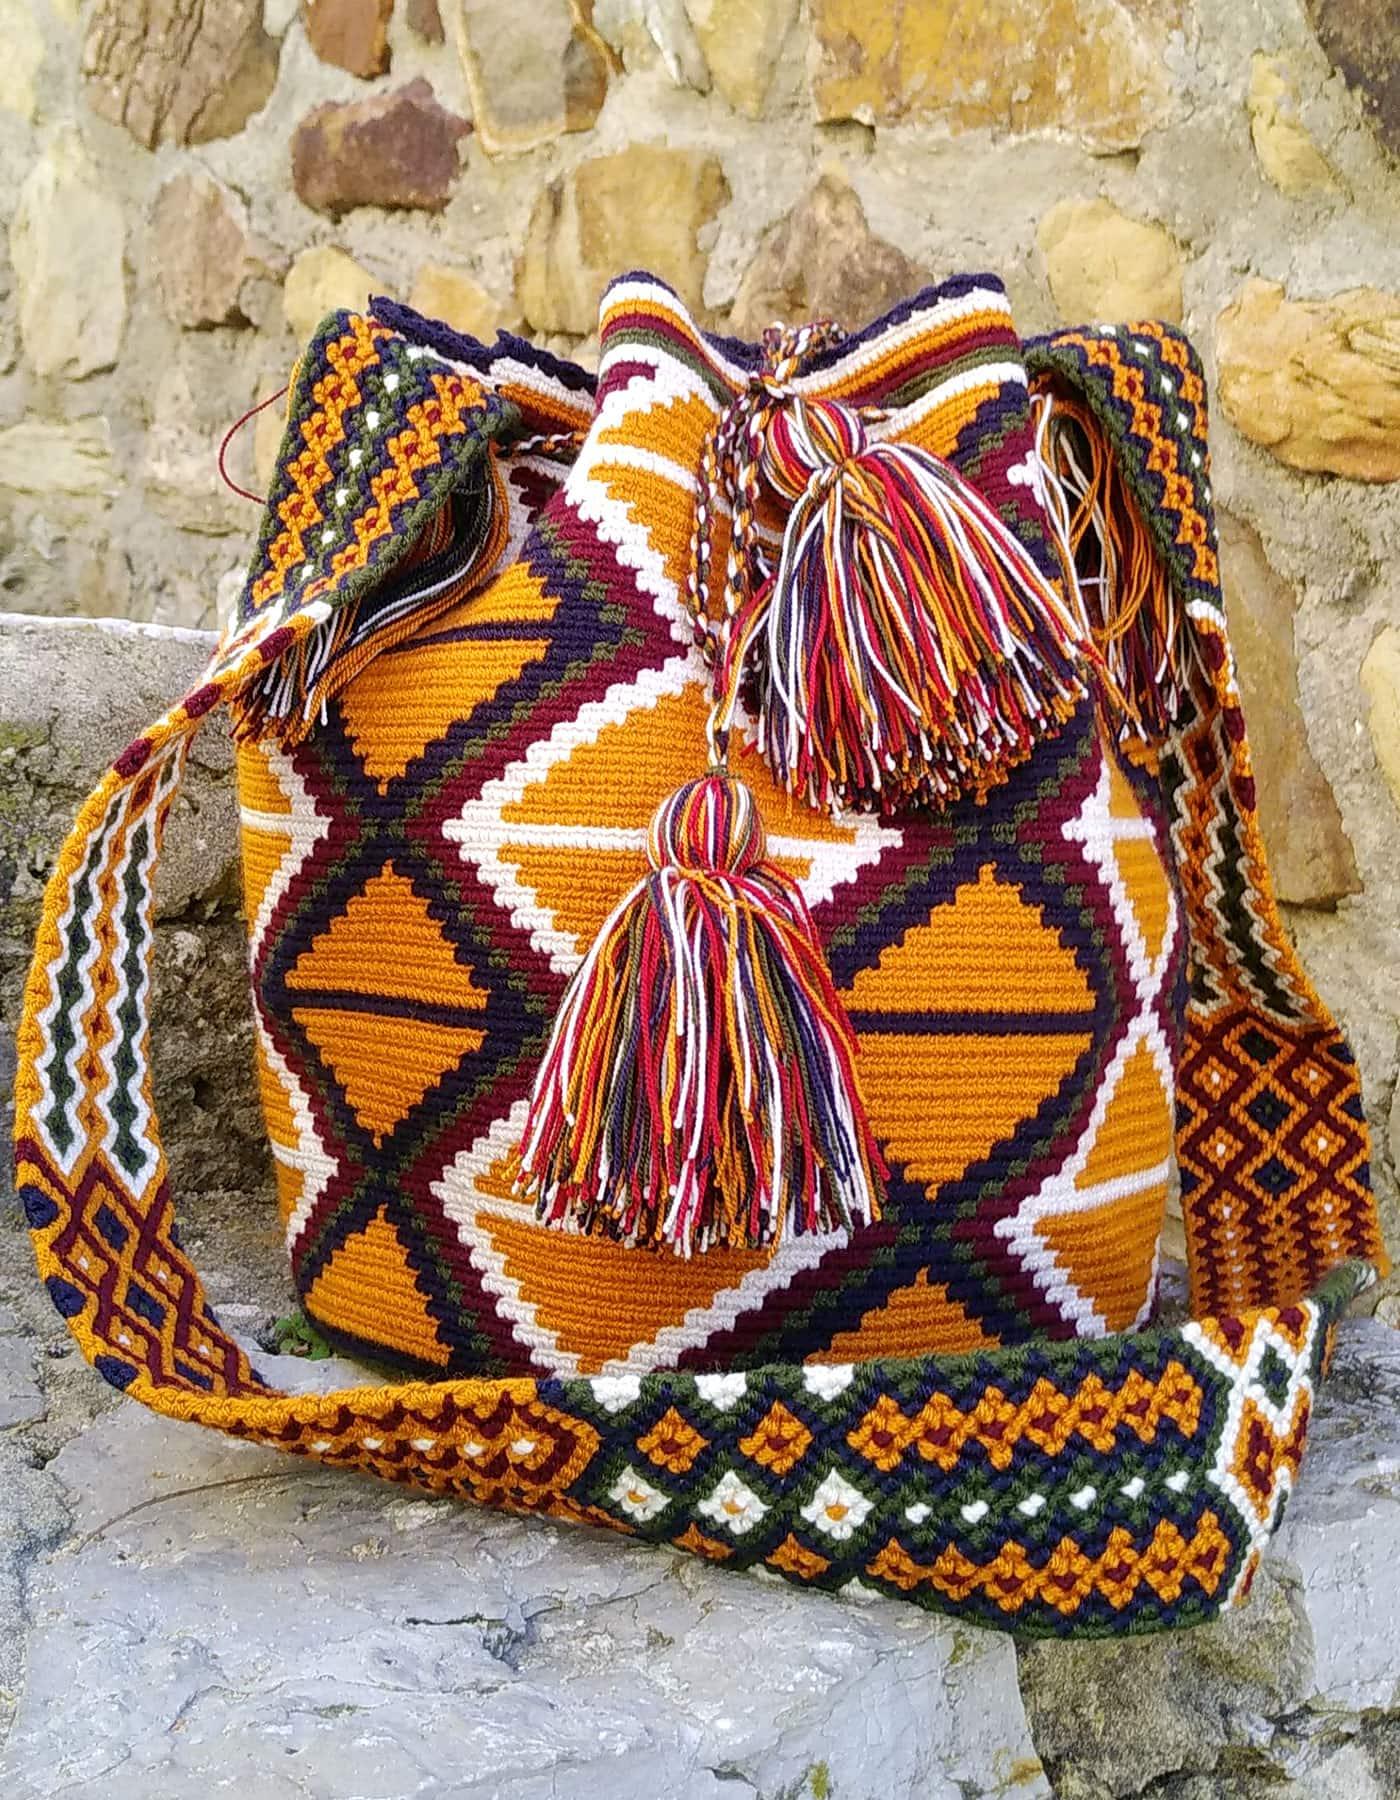 Bolso Wayuu Artesanal, Auténtico y Original (sólo 1 igual) con motivos tribales en marrón anaranjado, azul, verde, morado y blanco C